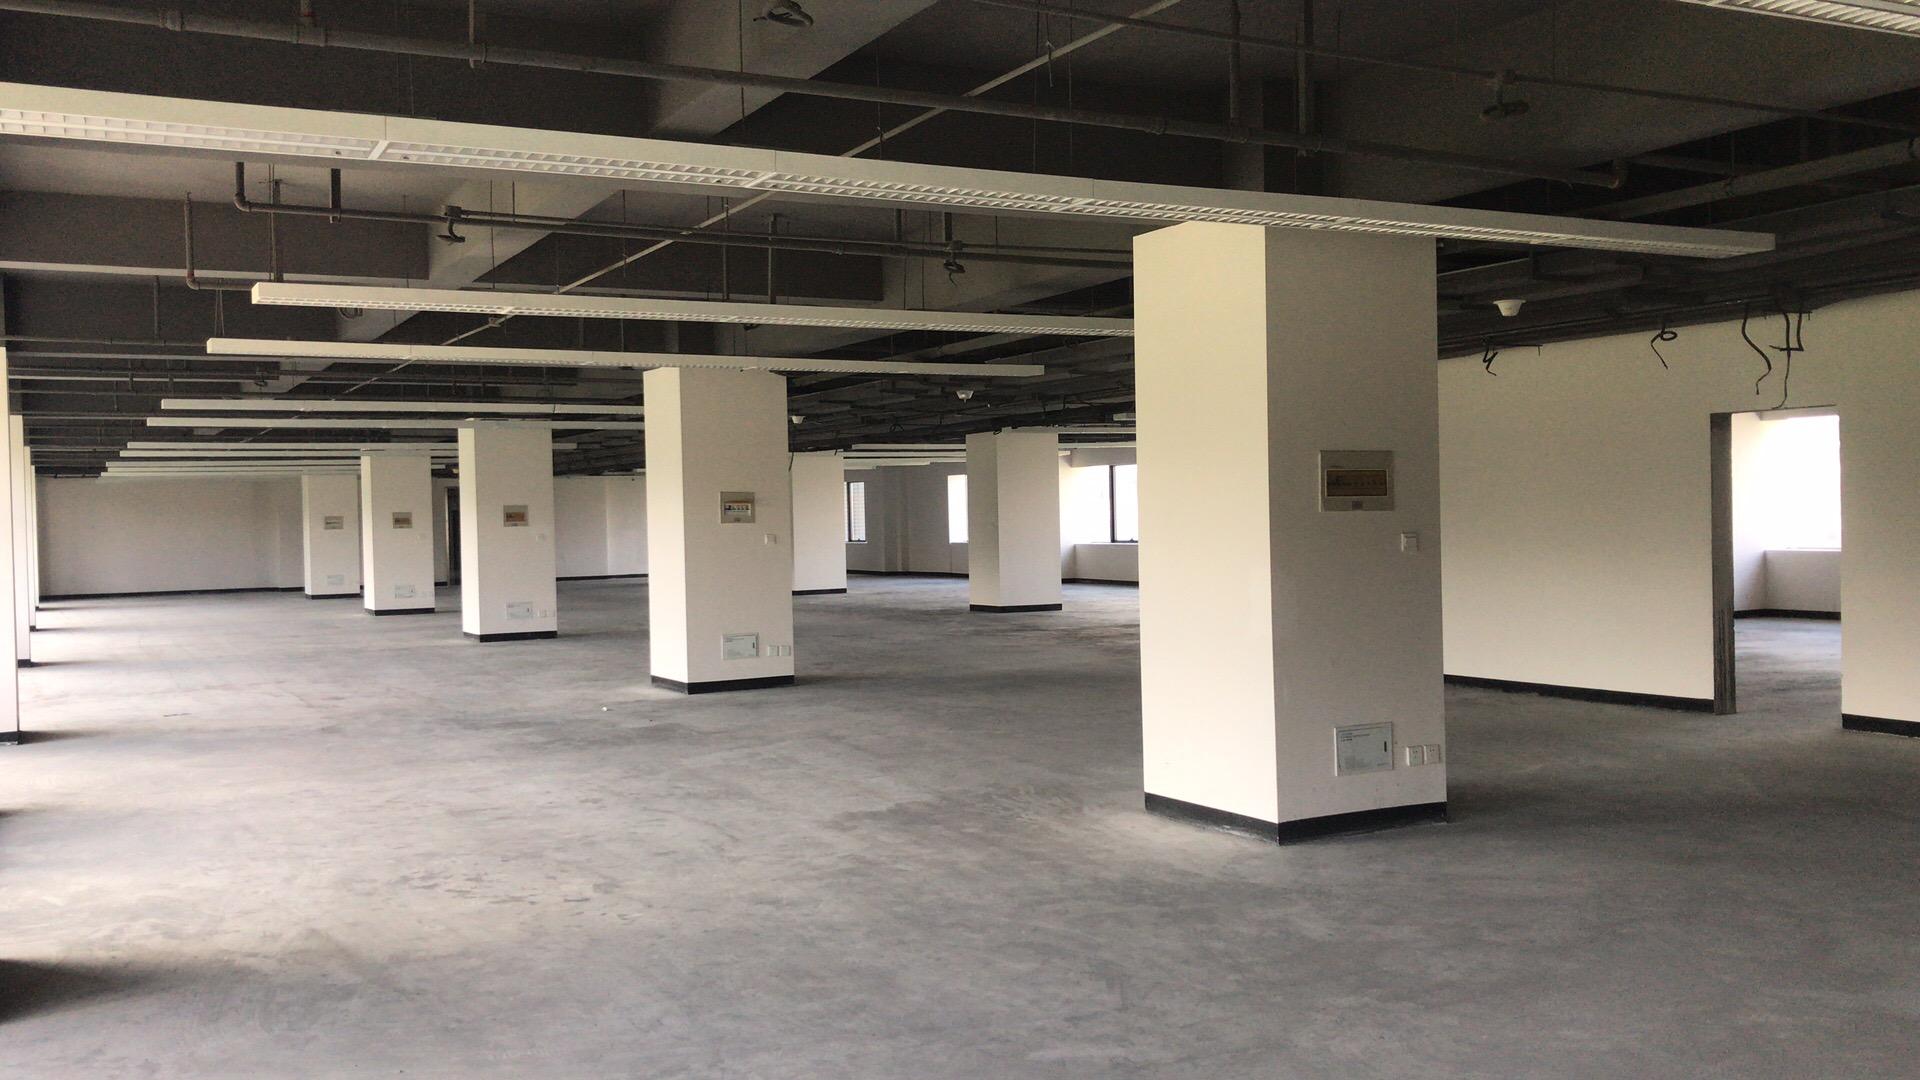 闵行区正珏科技大厦3000平米家具展厅